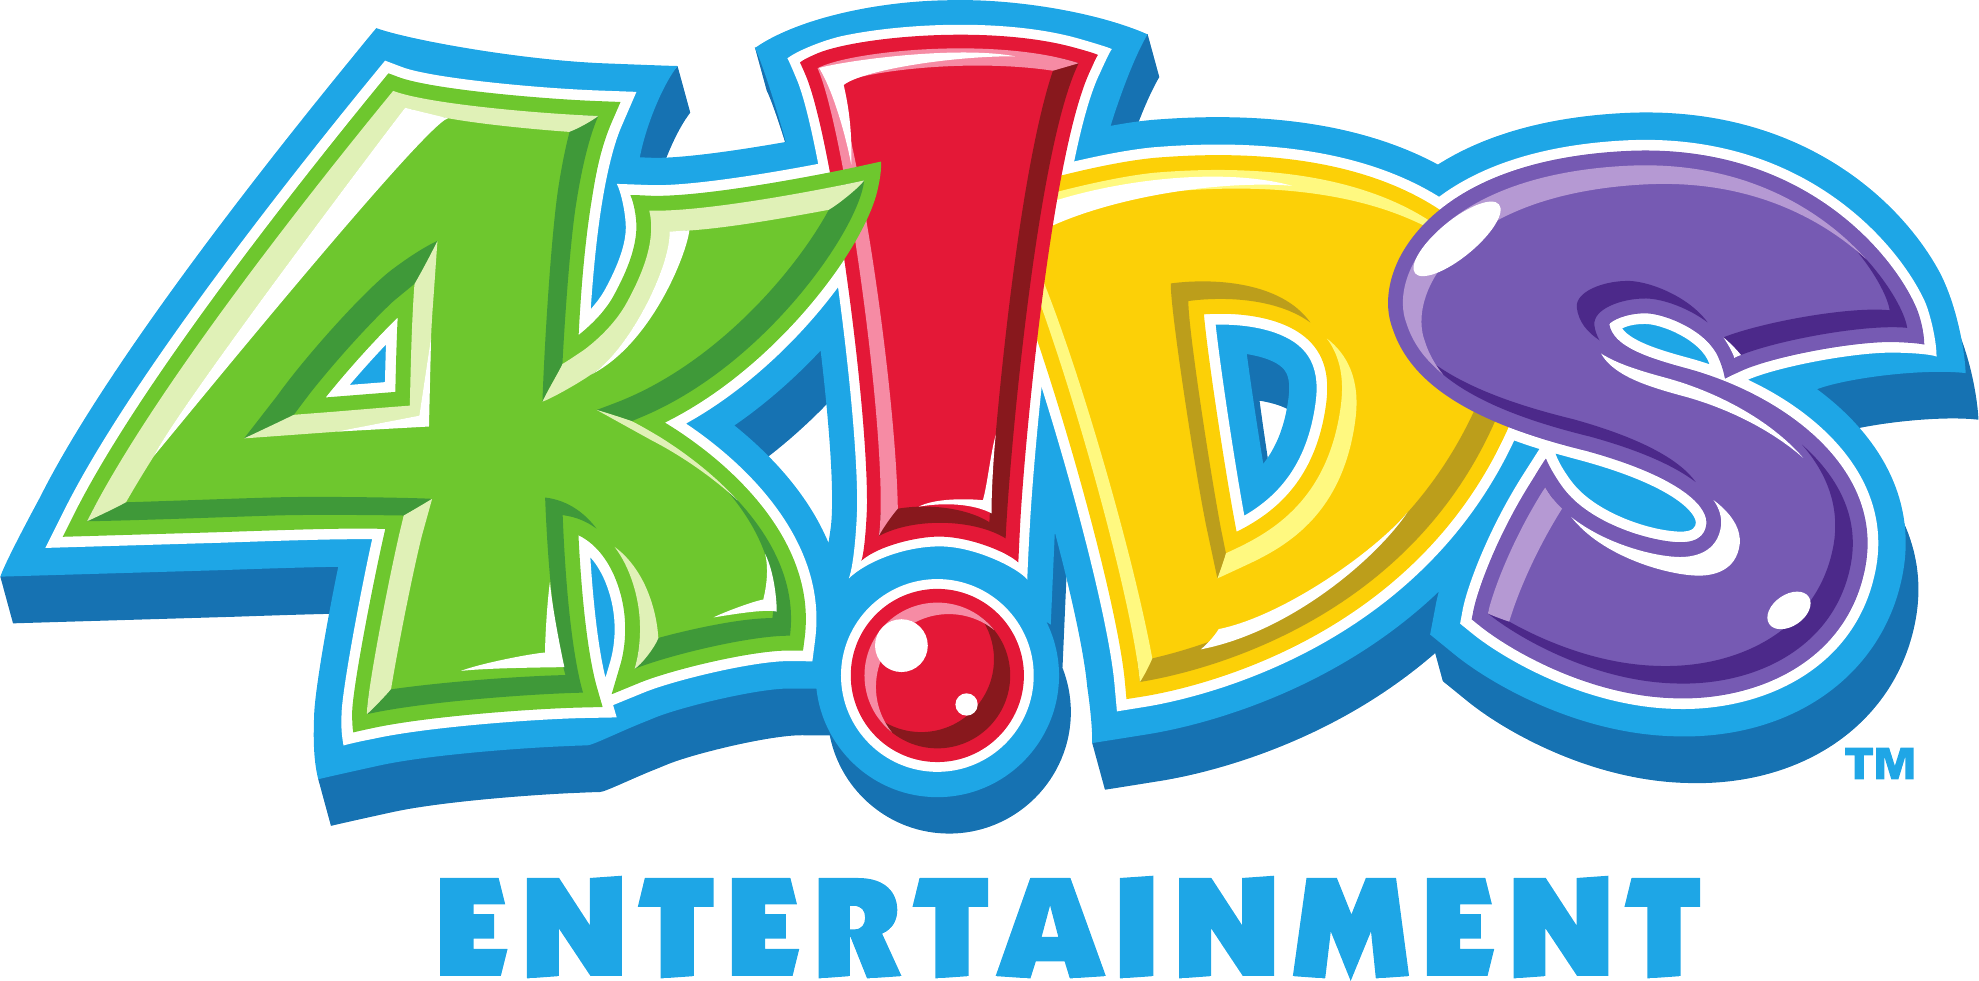 2nd_4kids_logo.png